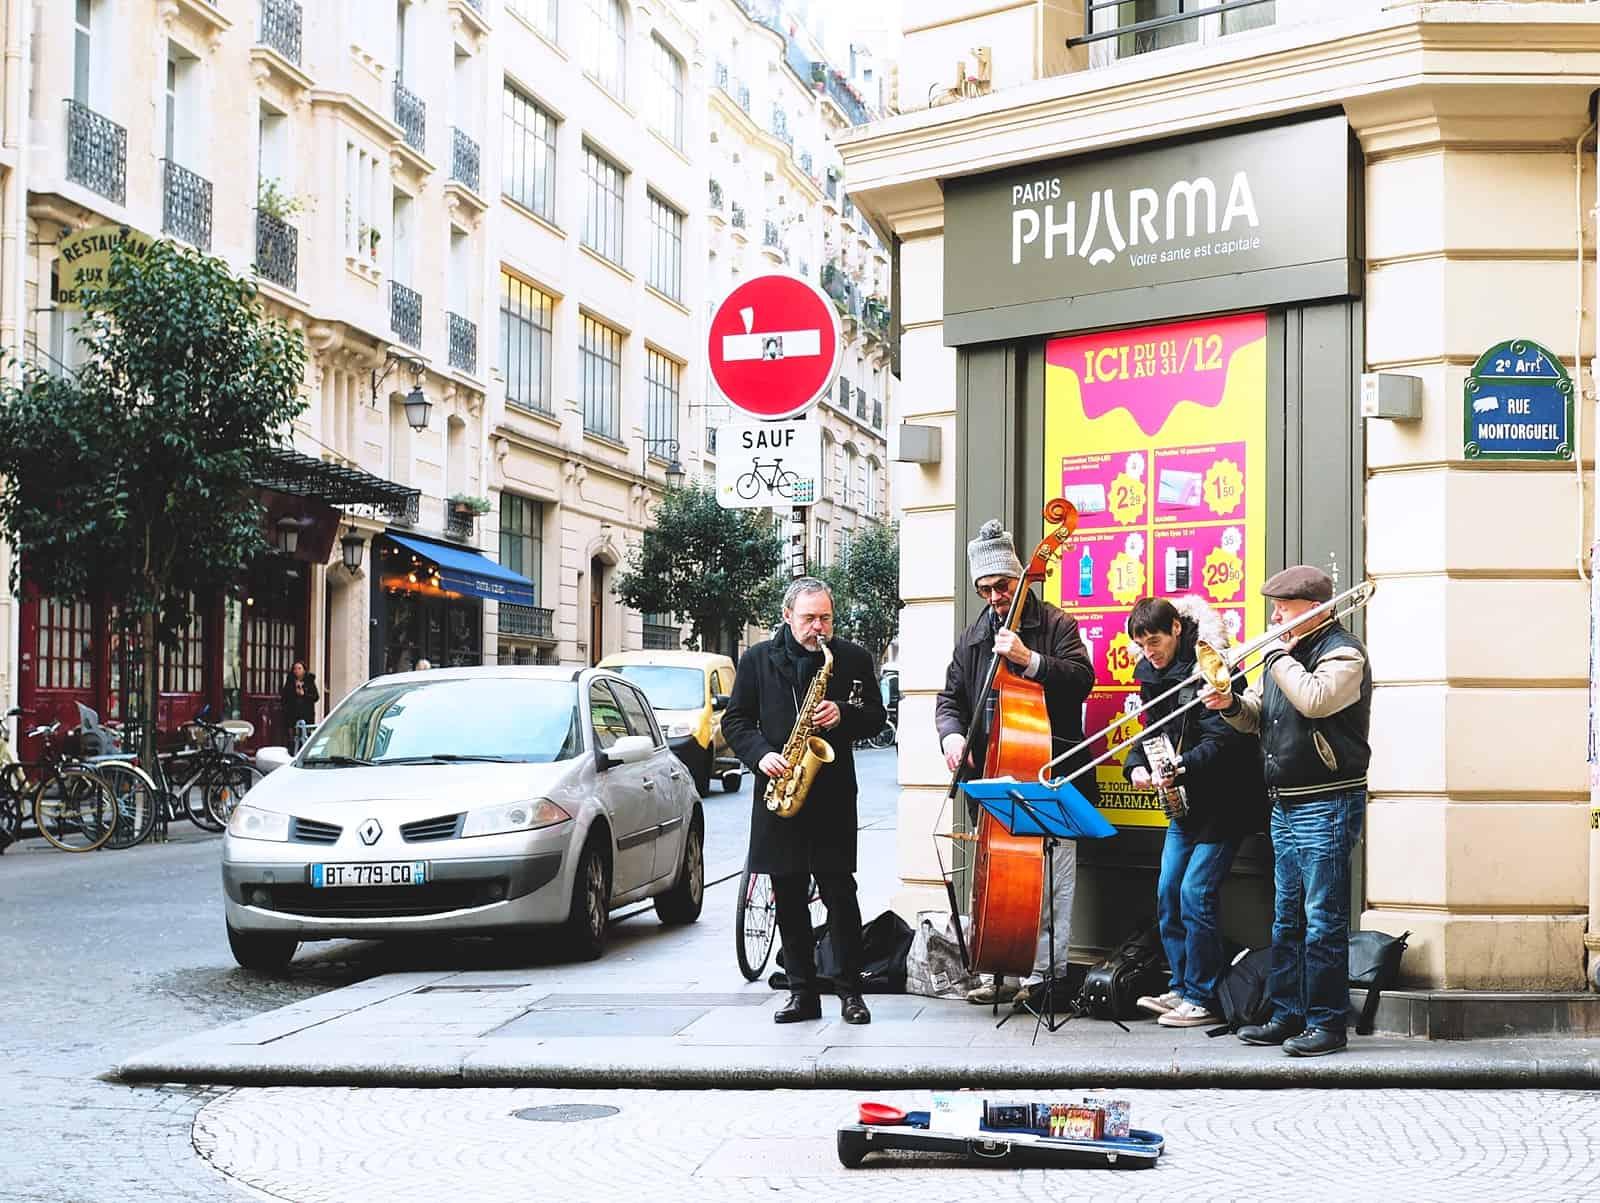 rue montorgueil band